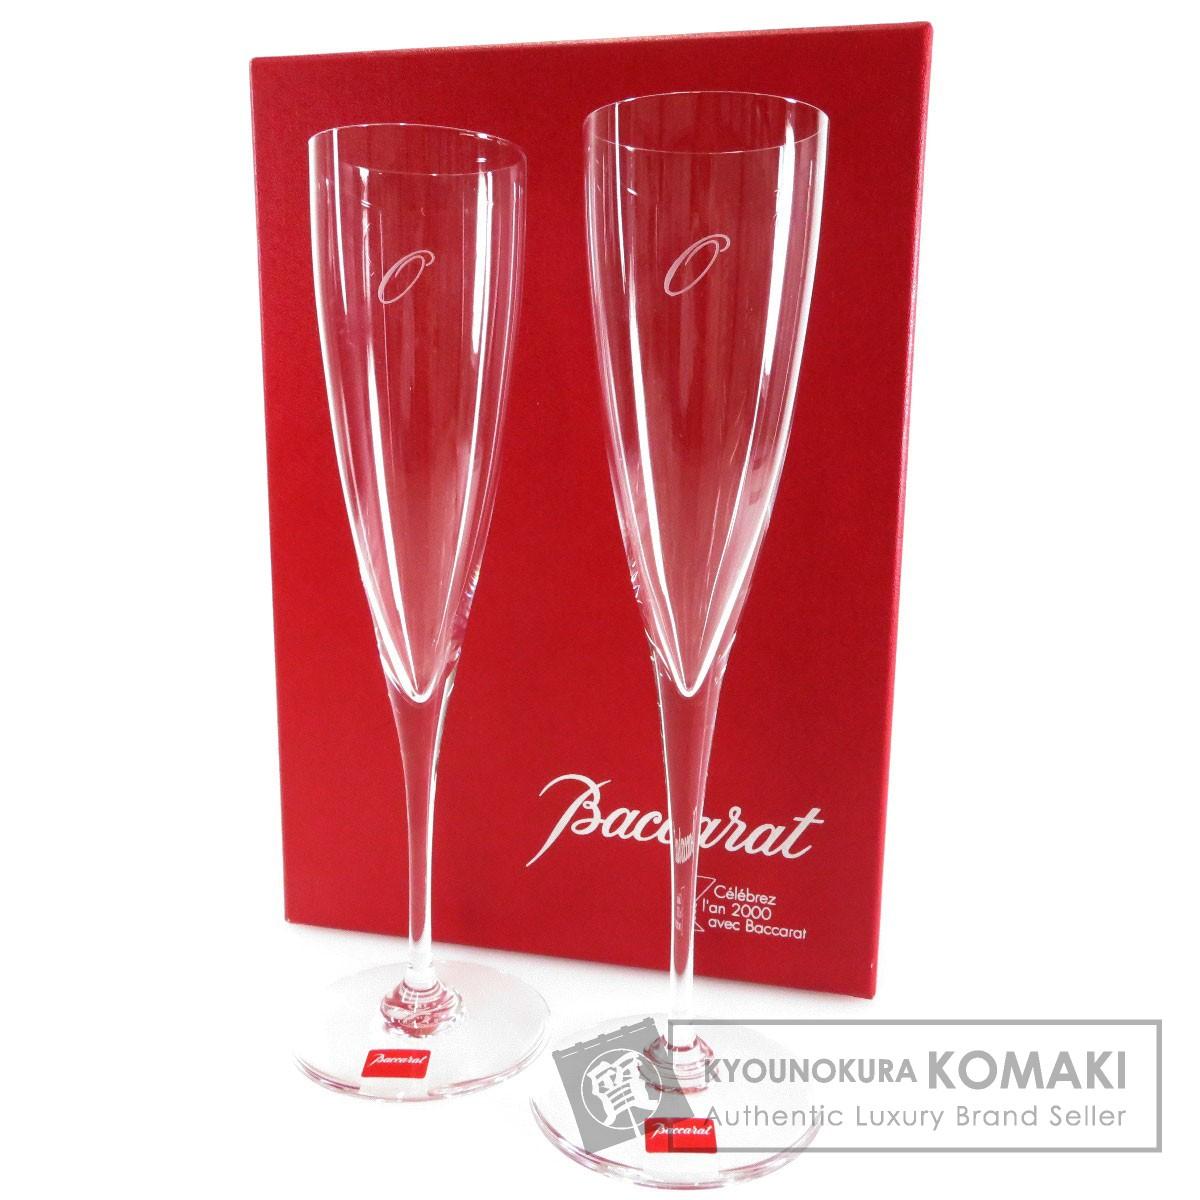 Baccarat ペアワイングラス グラス クリスタル ユニセックス 【中古】【バカラ】